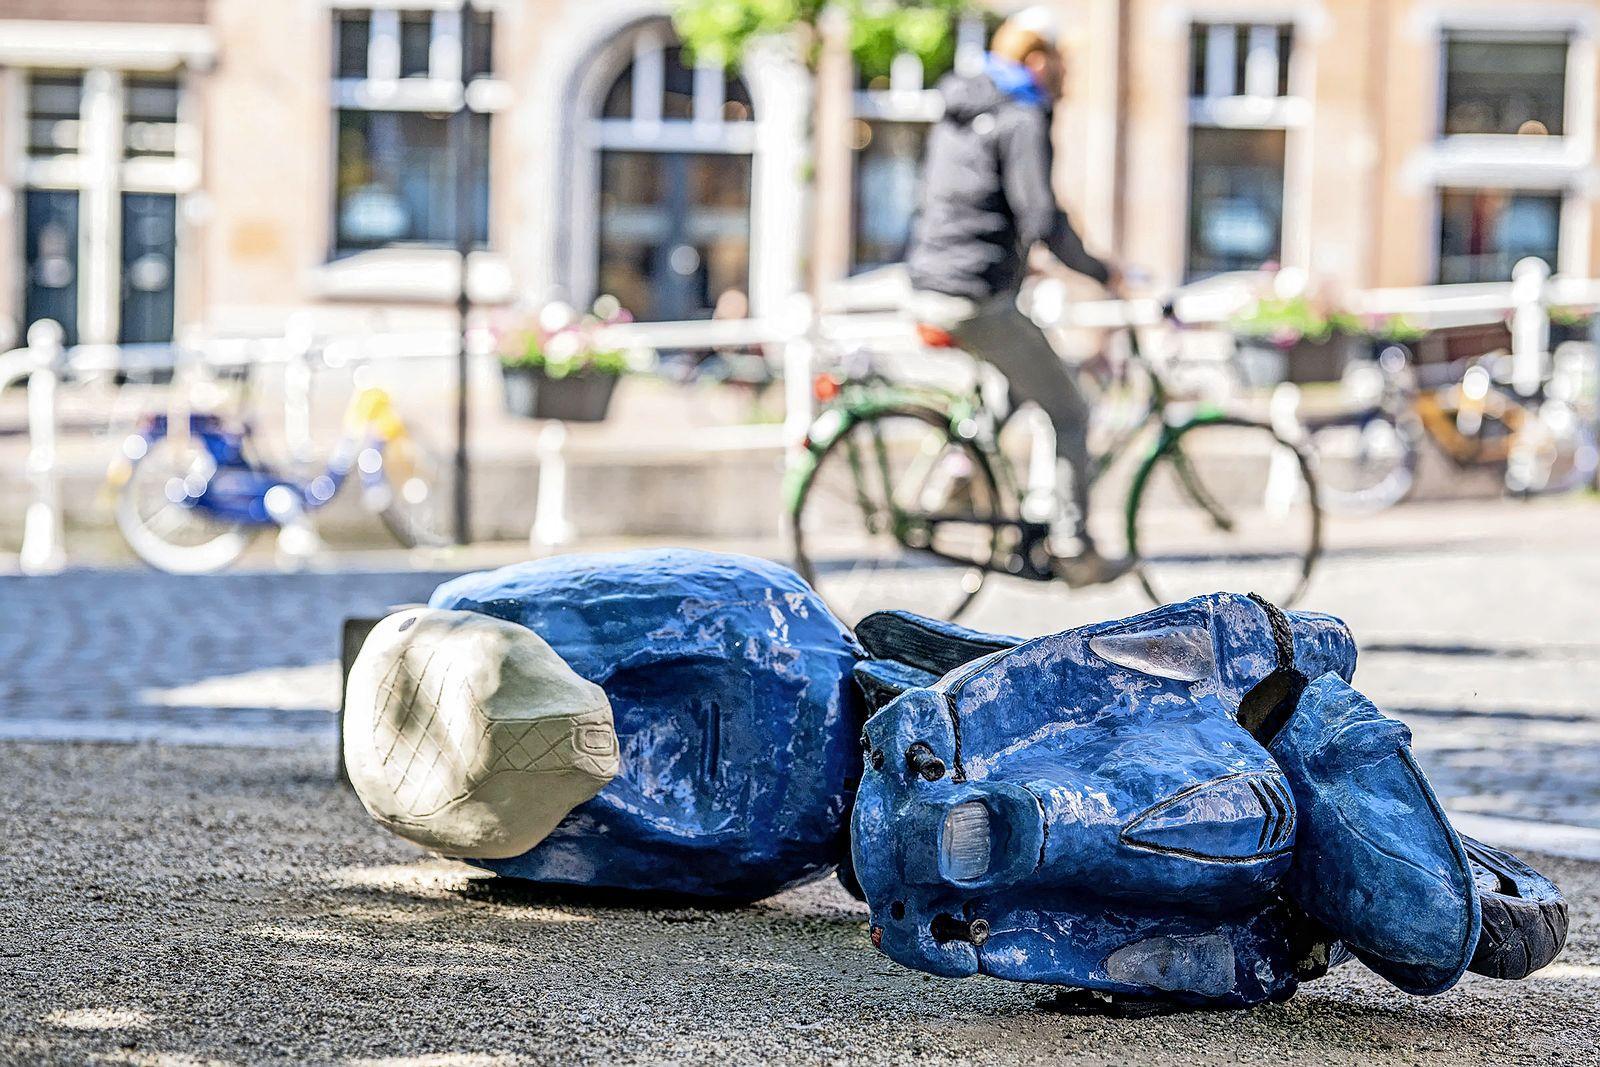 Openluchtexpositie Beelden in Leiden gaat deze zomer wèl door